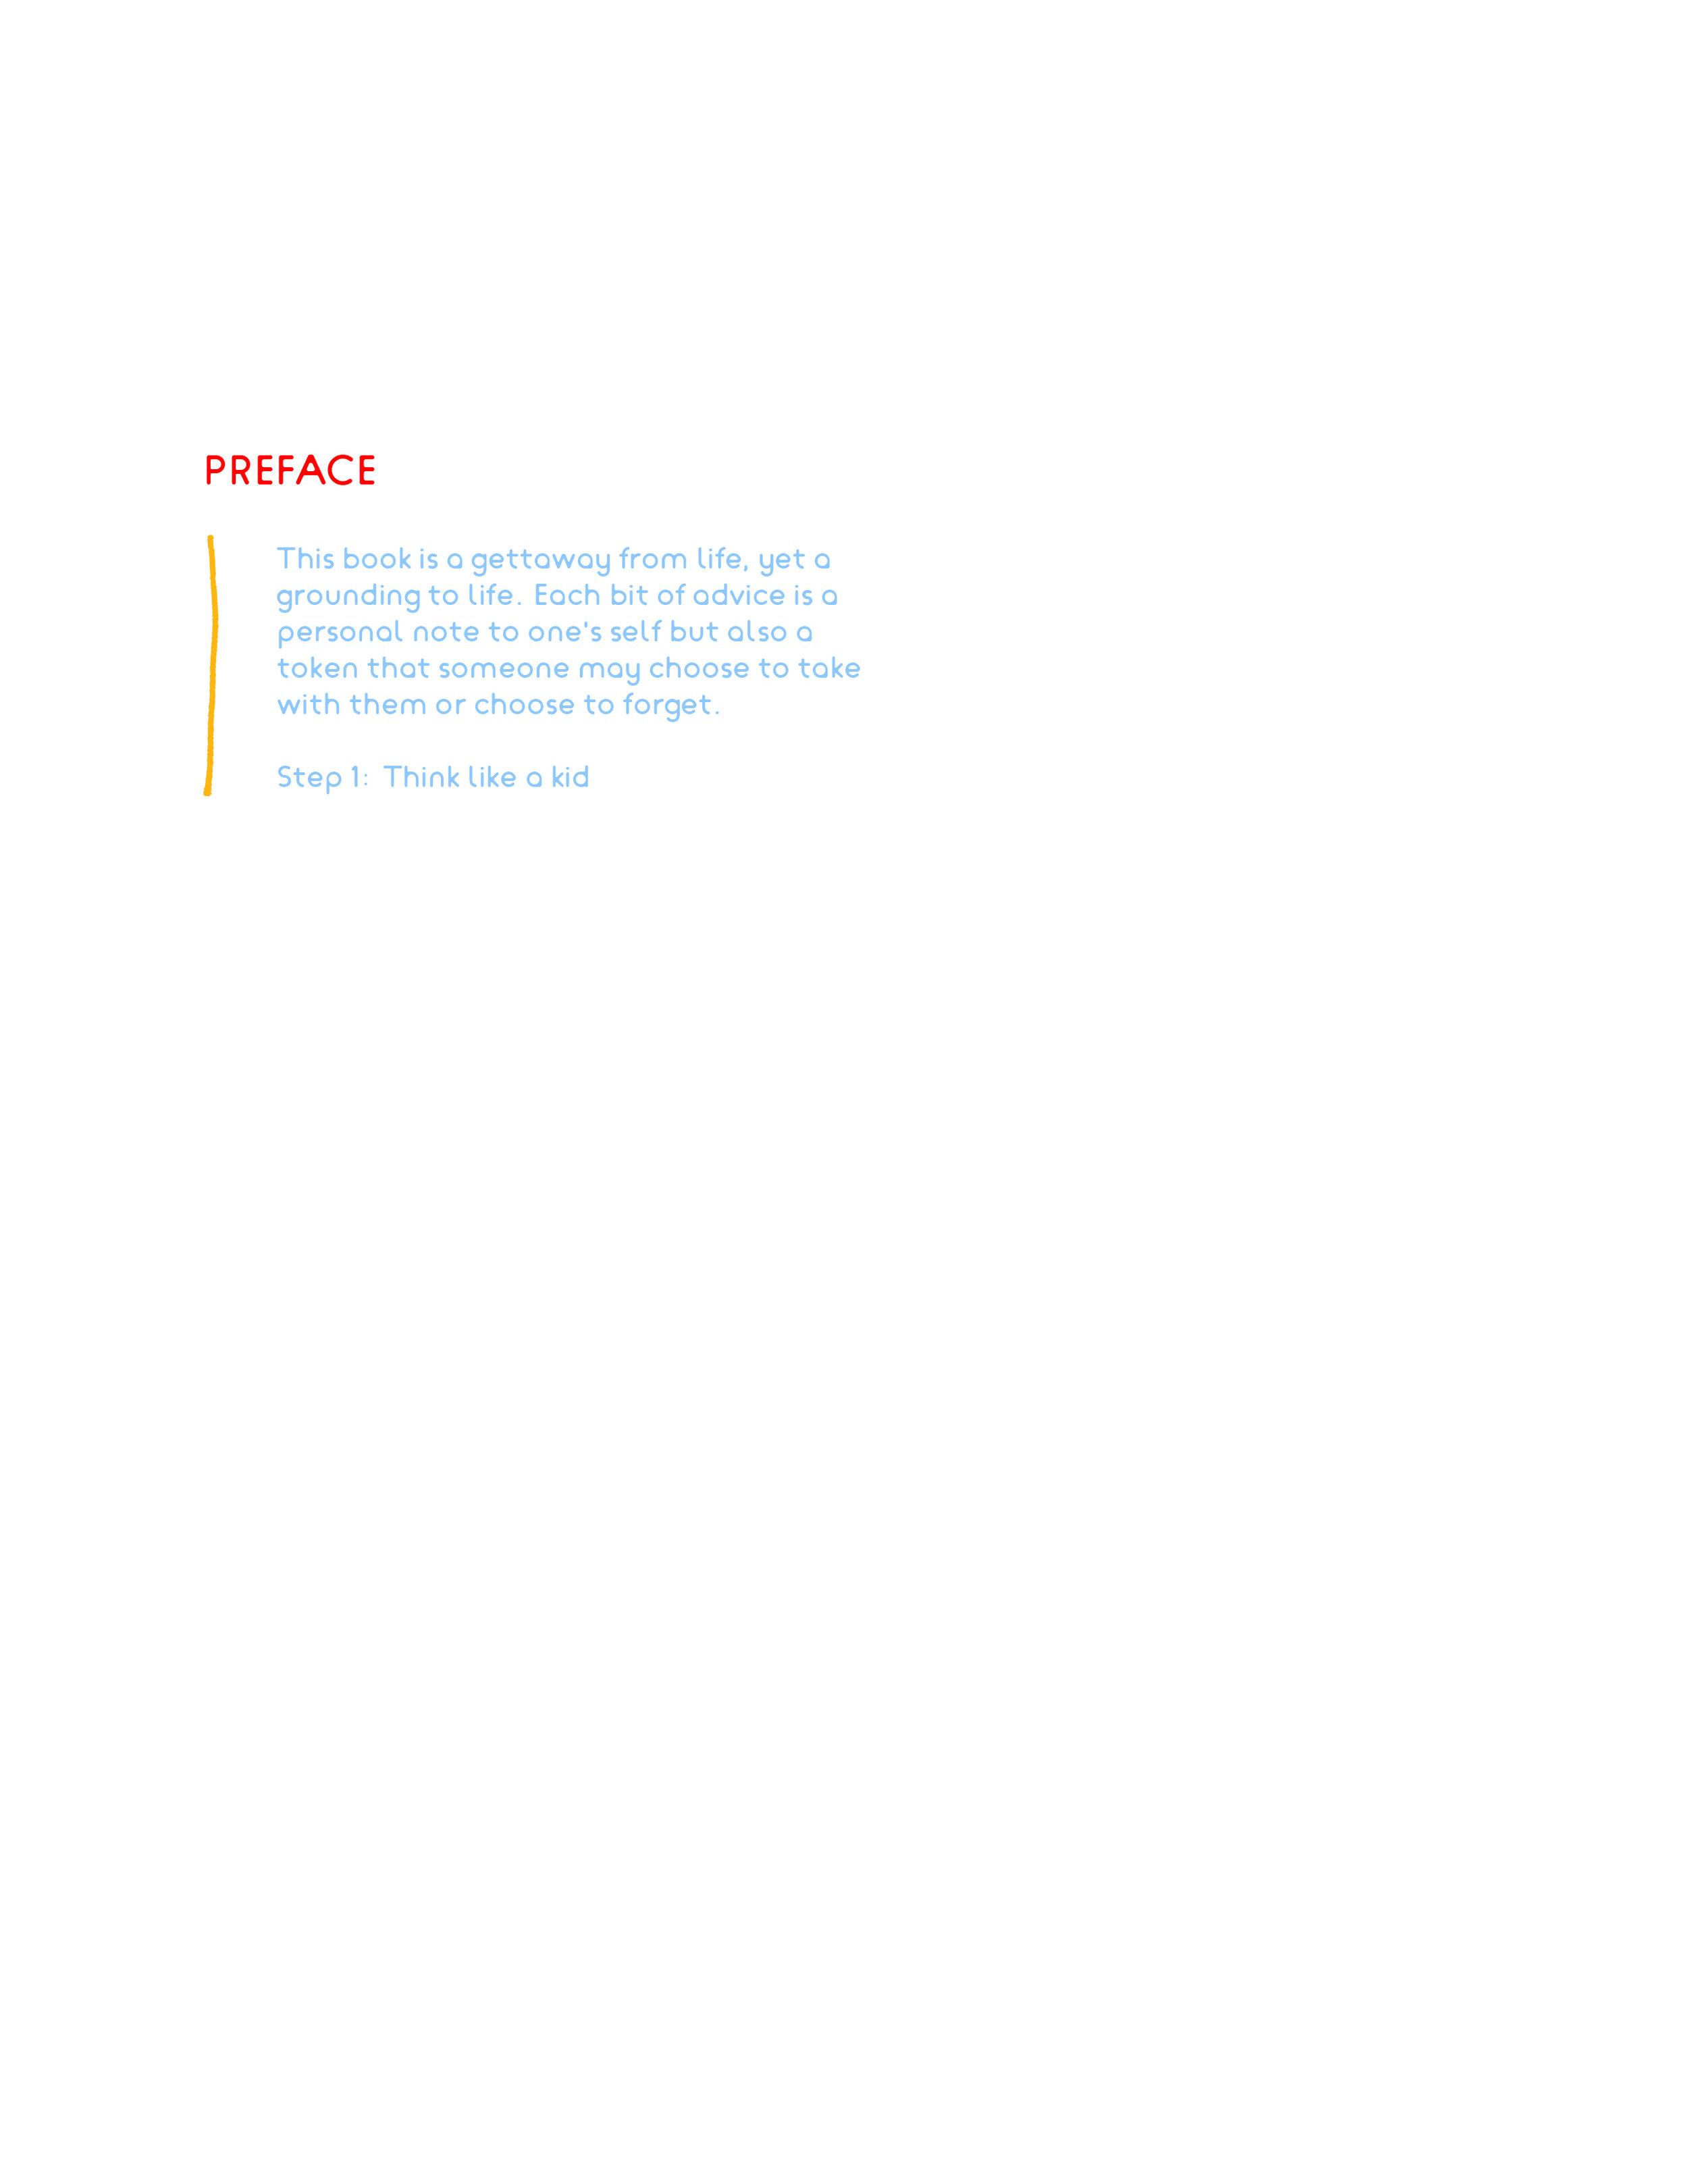 manifesto_v3-pages-cropmarks22.jpg